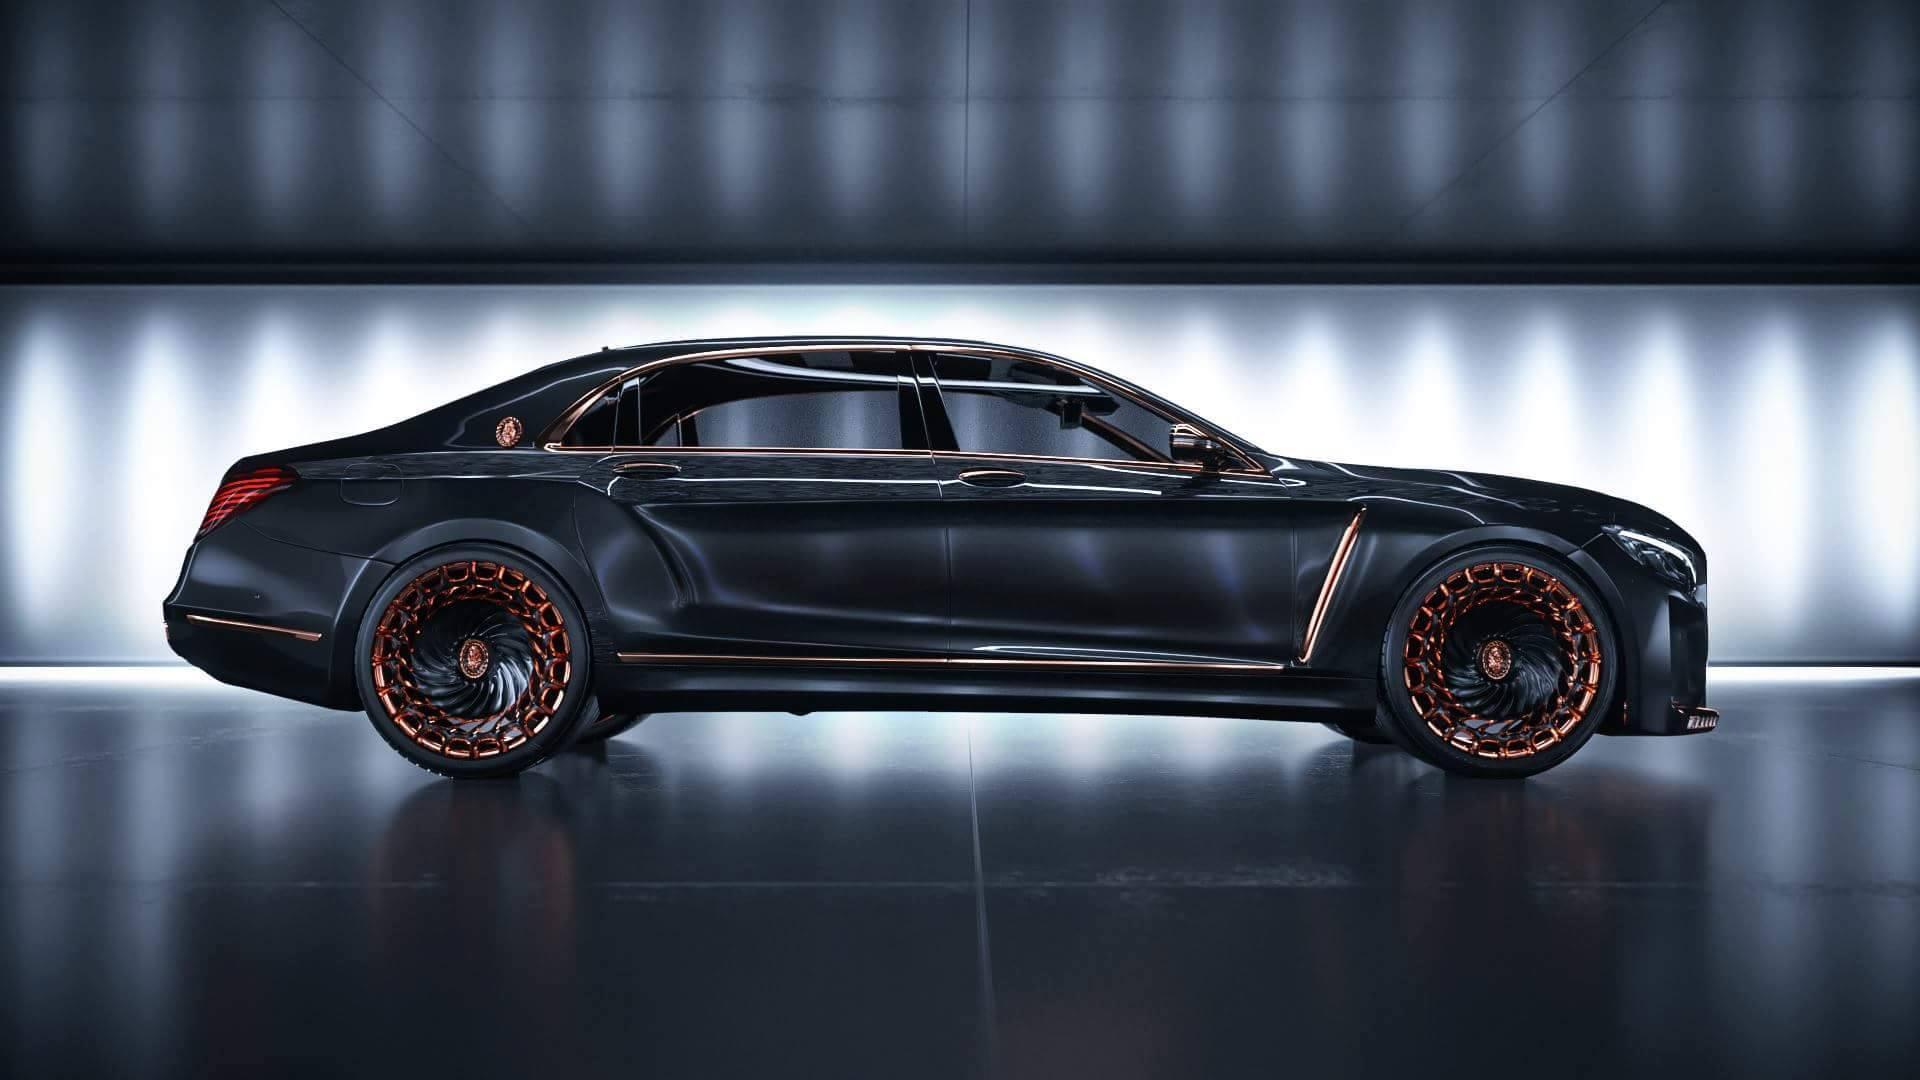 mercedes maybach s600 2   BenzInsidercom   A Mercedes 1920x1080